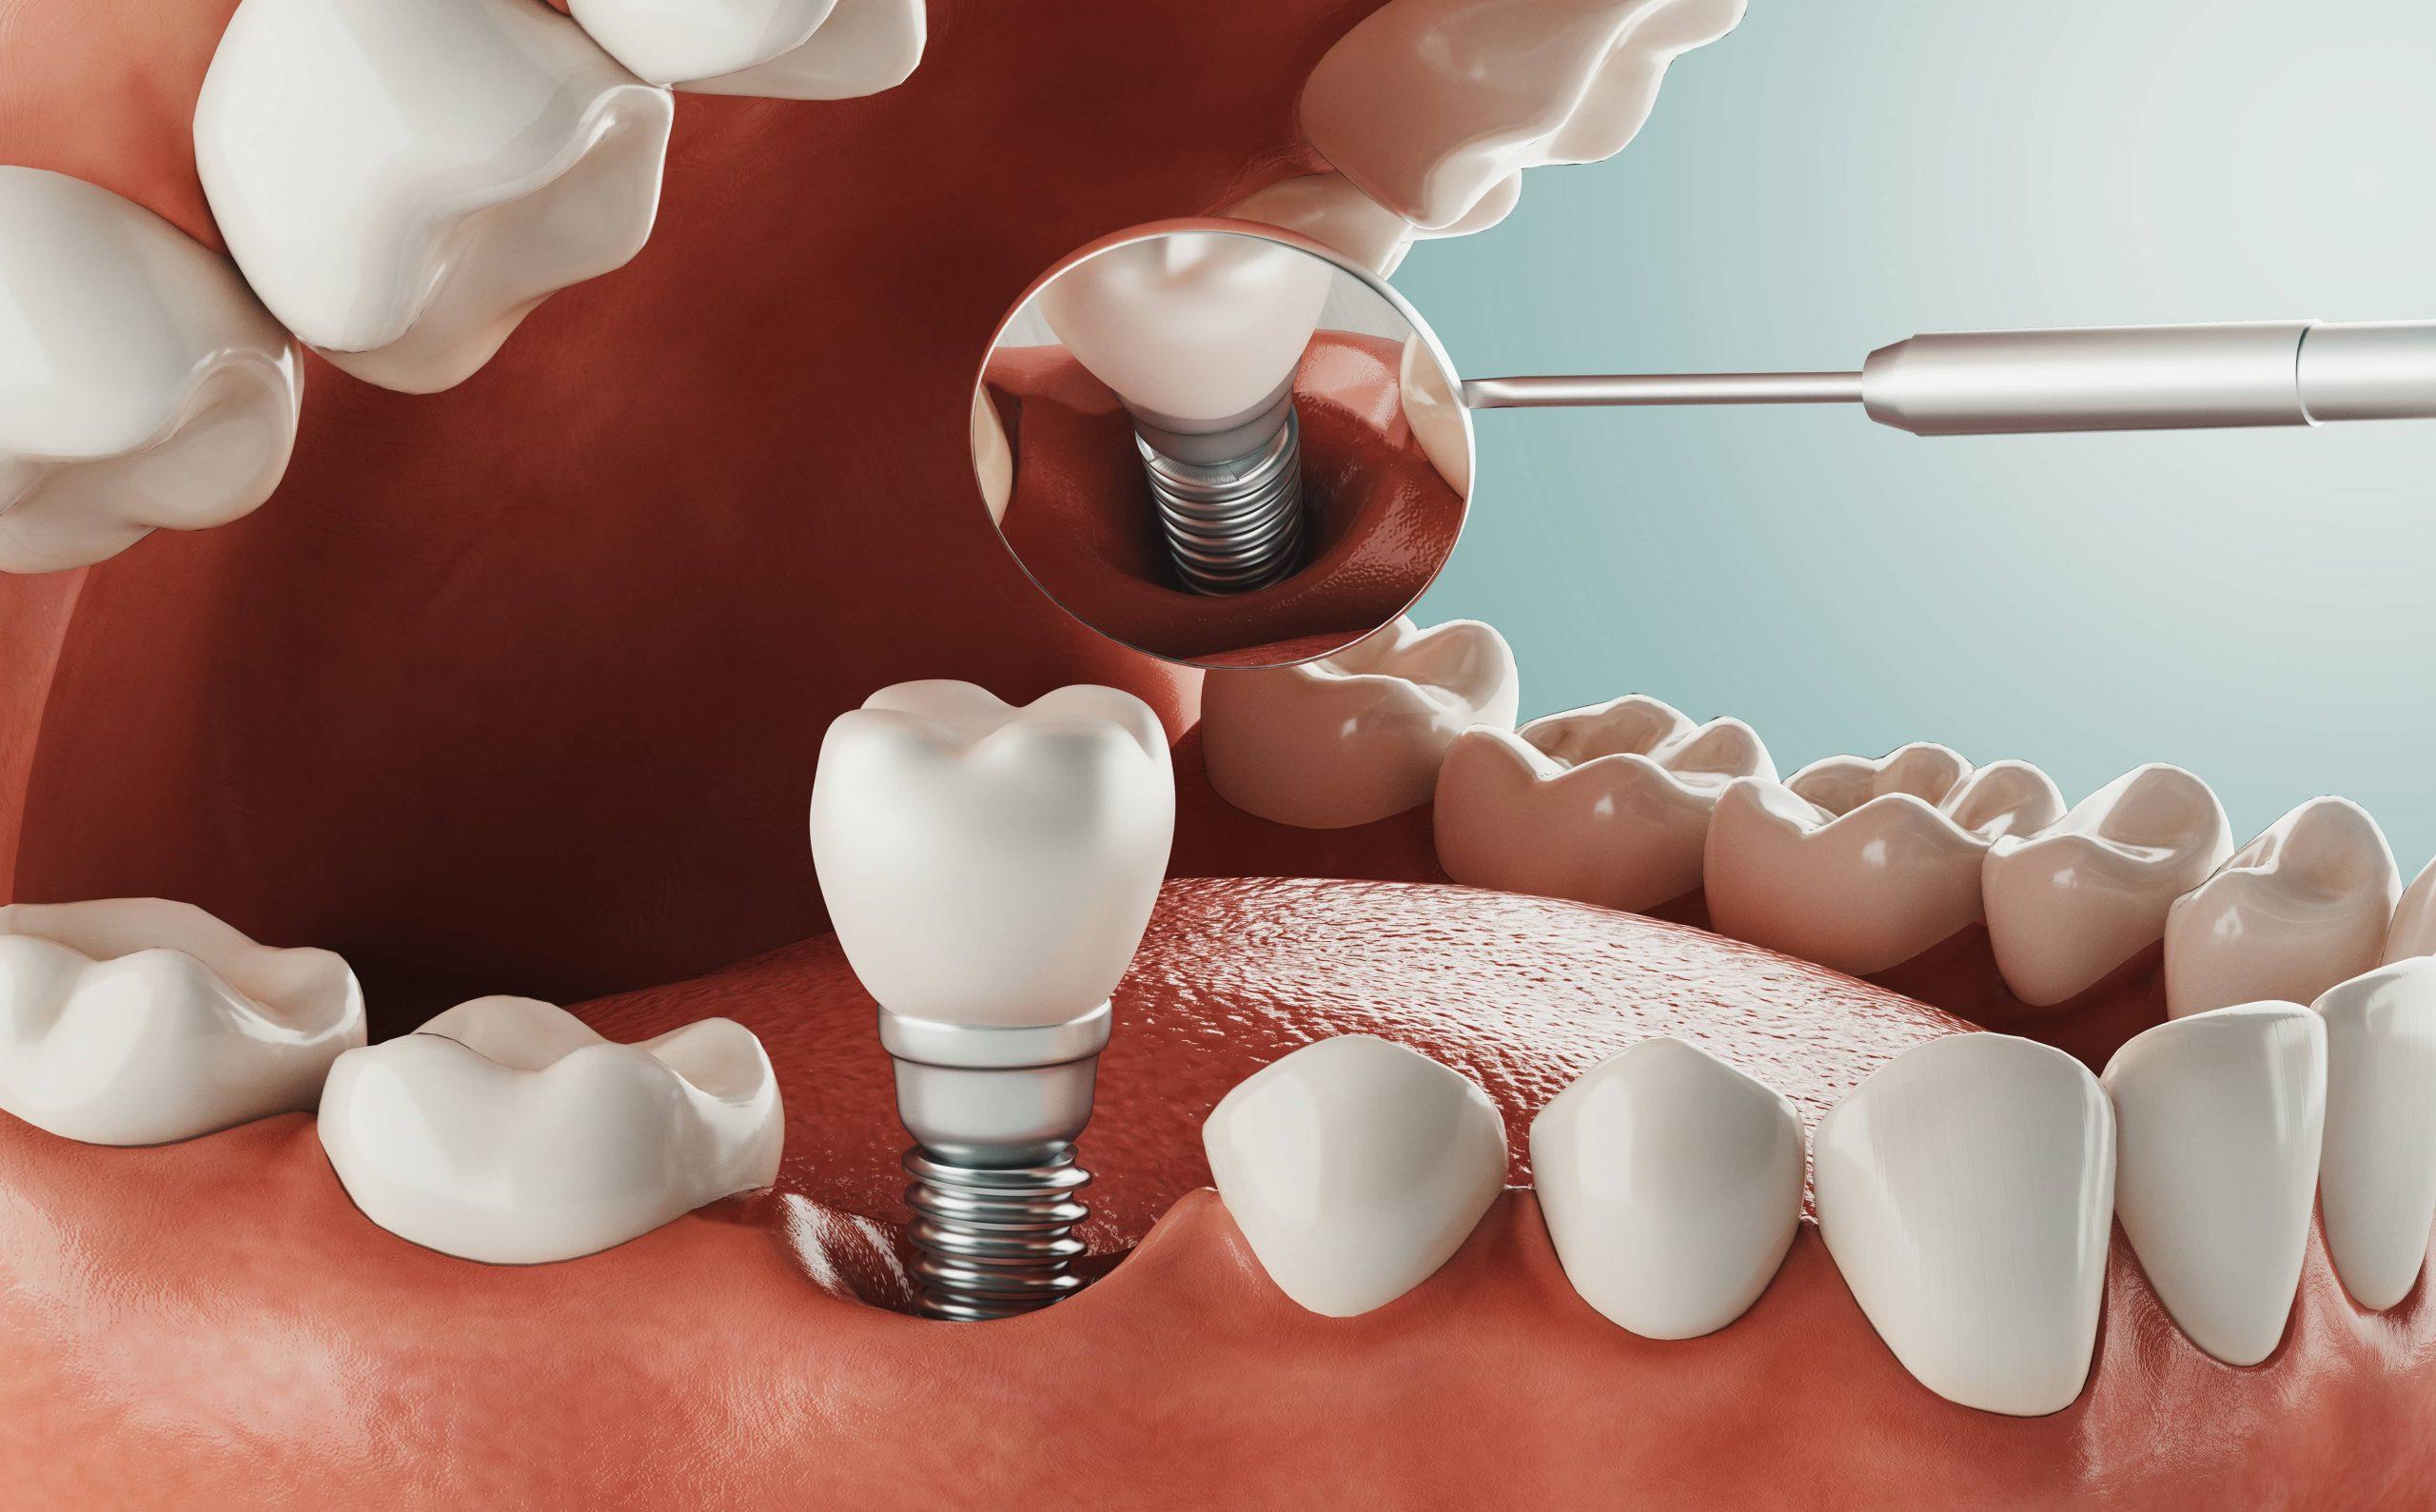 Darstellung eines Zahnimplantats im Mundraum